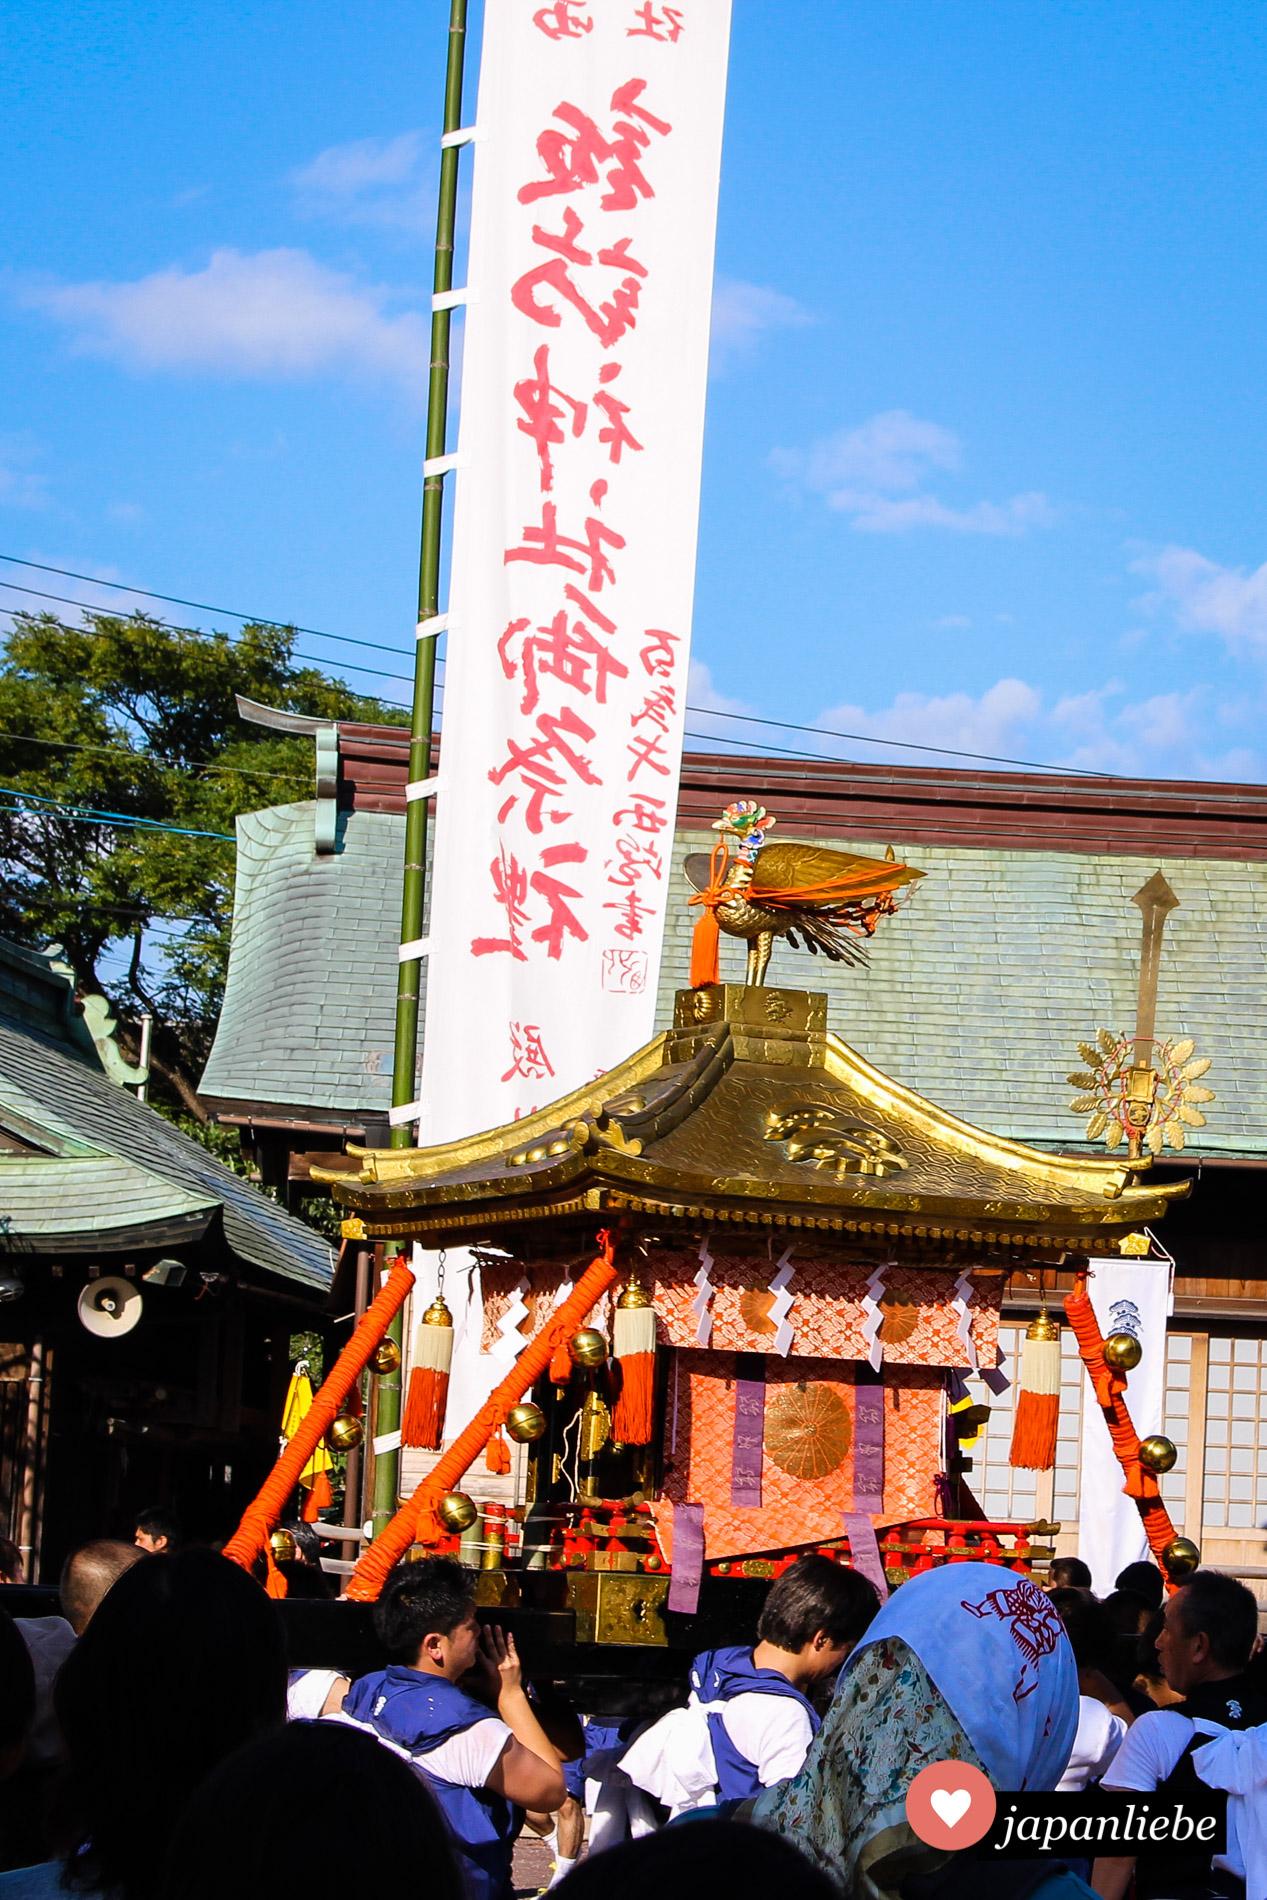 Die o-mikoshi Göttersänfte am Suwa Schrein in Nagasaki sieht aus wie ein prunkvolles Miniaturgebäude mit einem Phönix auf der Spitze.